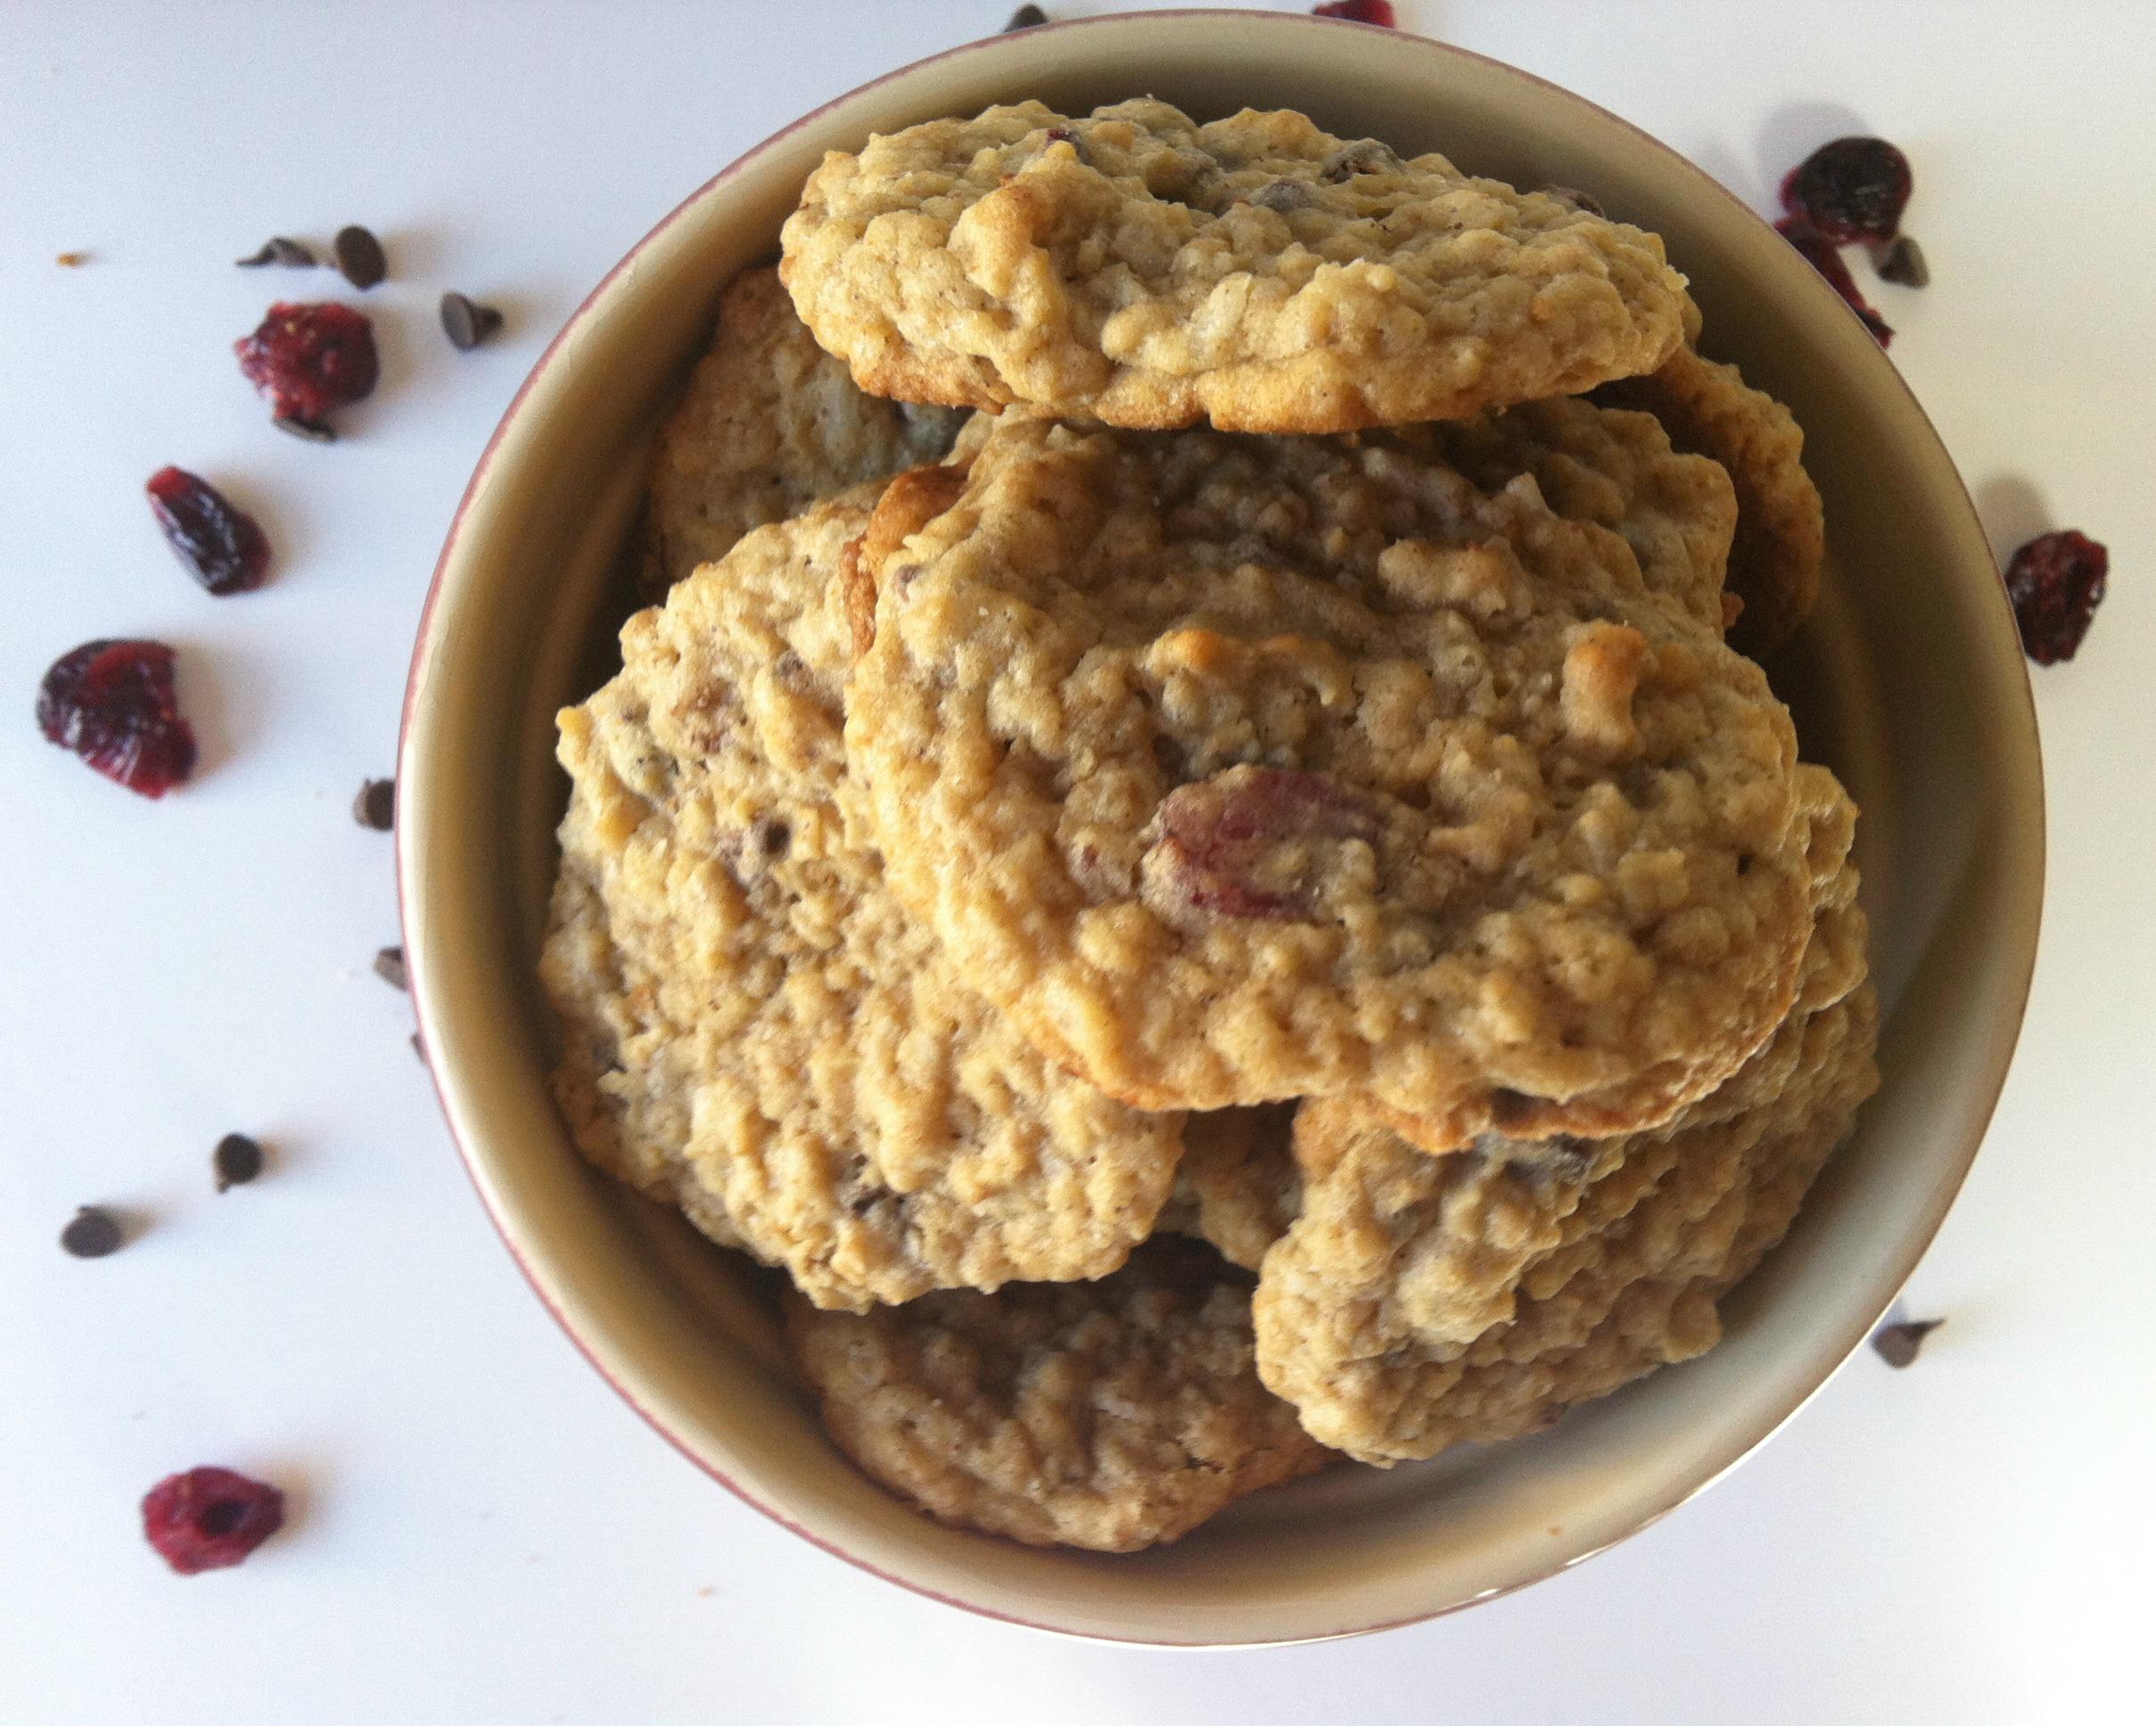 Loaded Oatmeal Cookies recipe from A Cedar Spoon